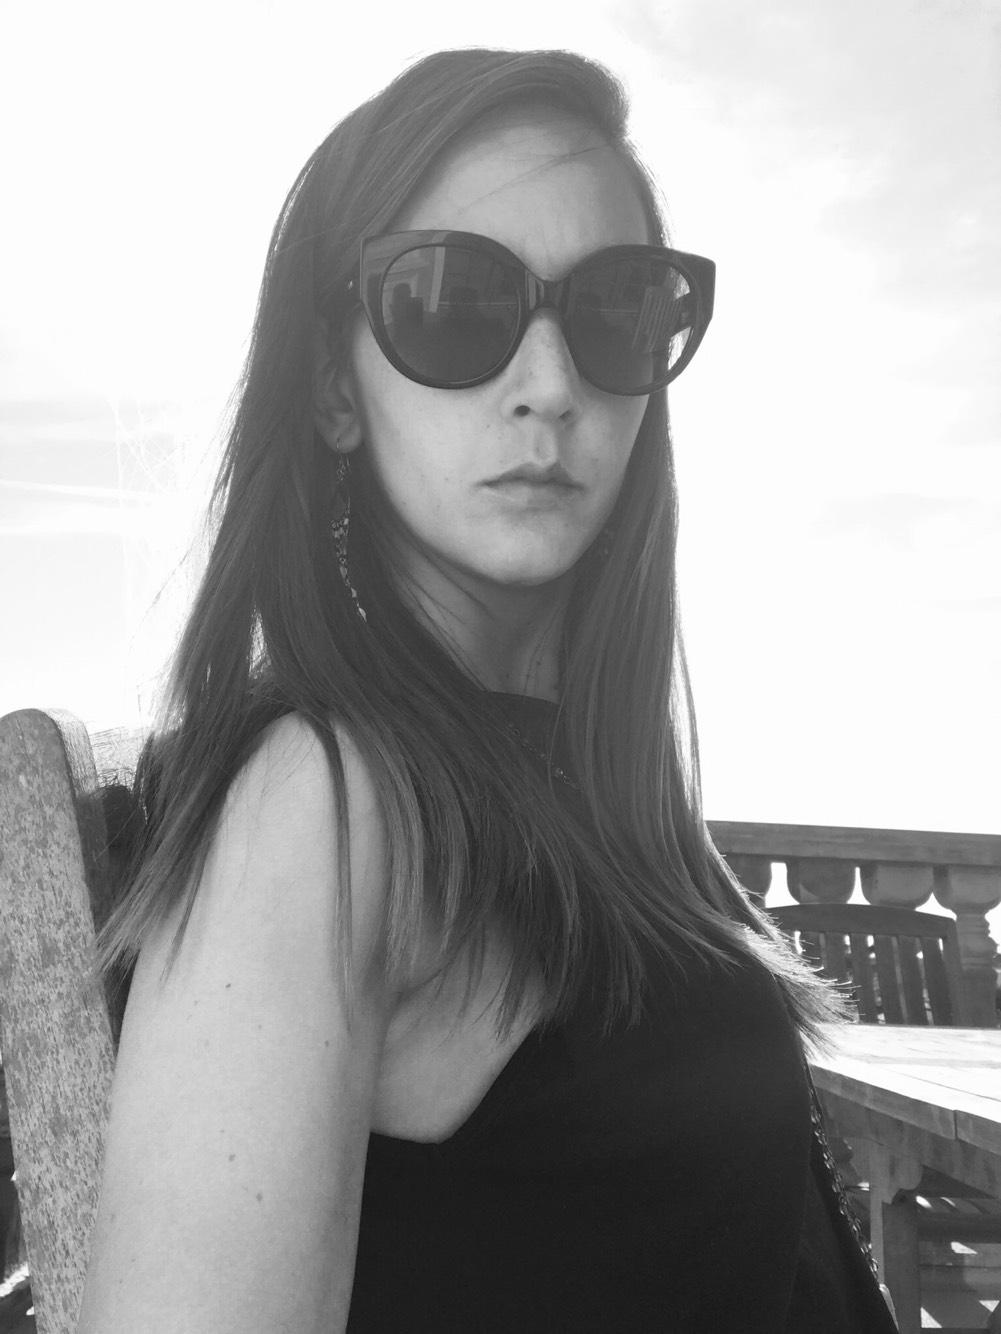 Jessica 's profile image